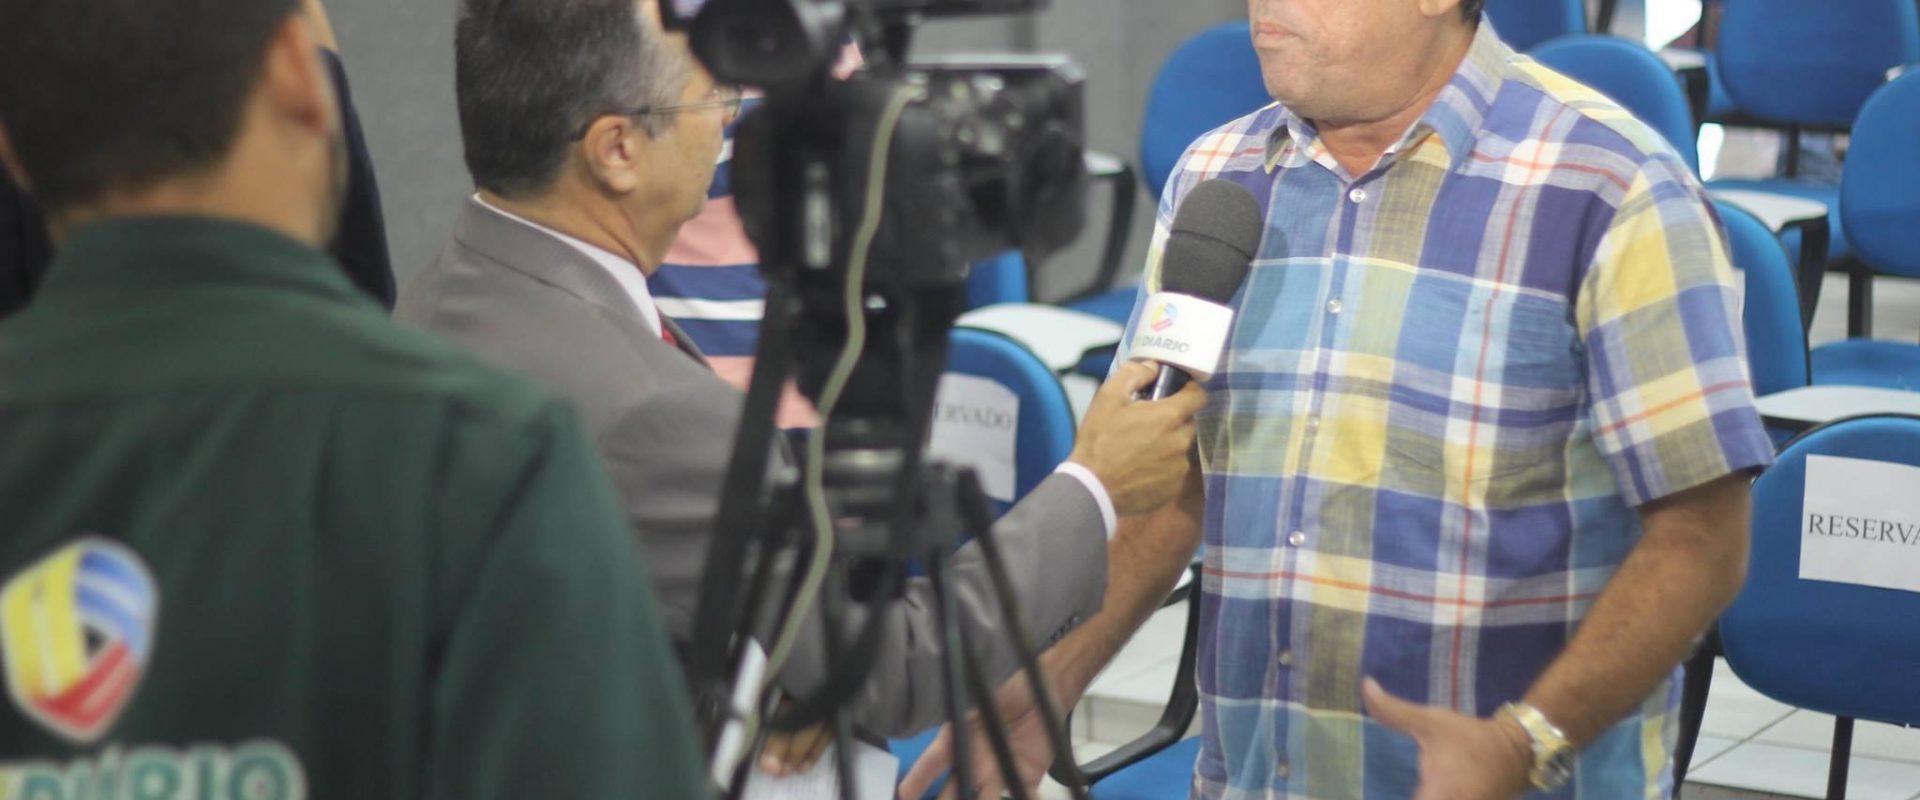 78bddd9bc9f68 Cidades   Prefeito de Senador Pompeu demite funcionários após pleito  eleitoral